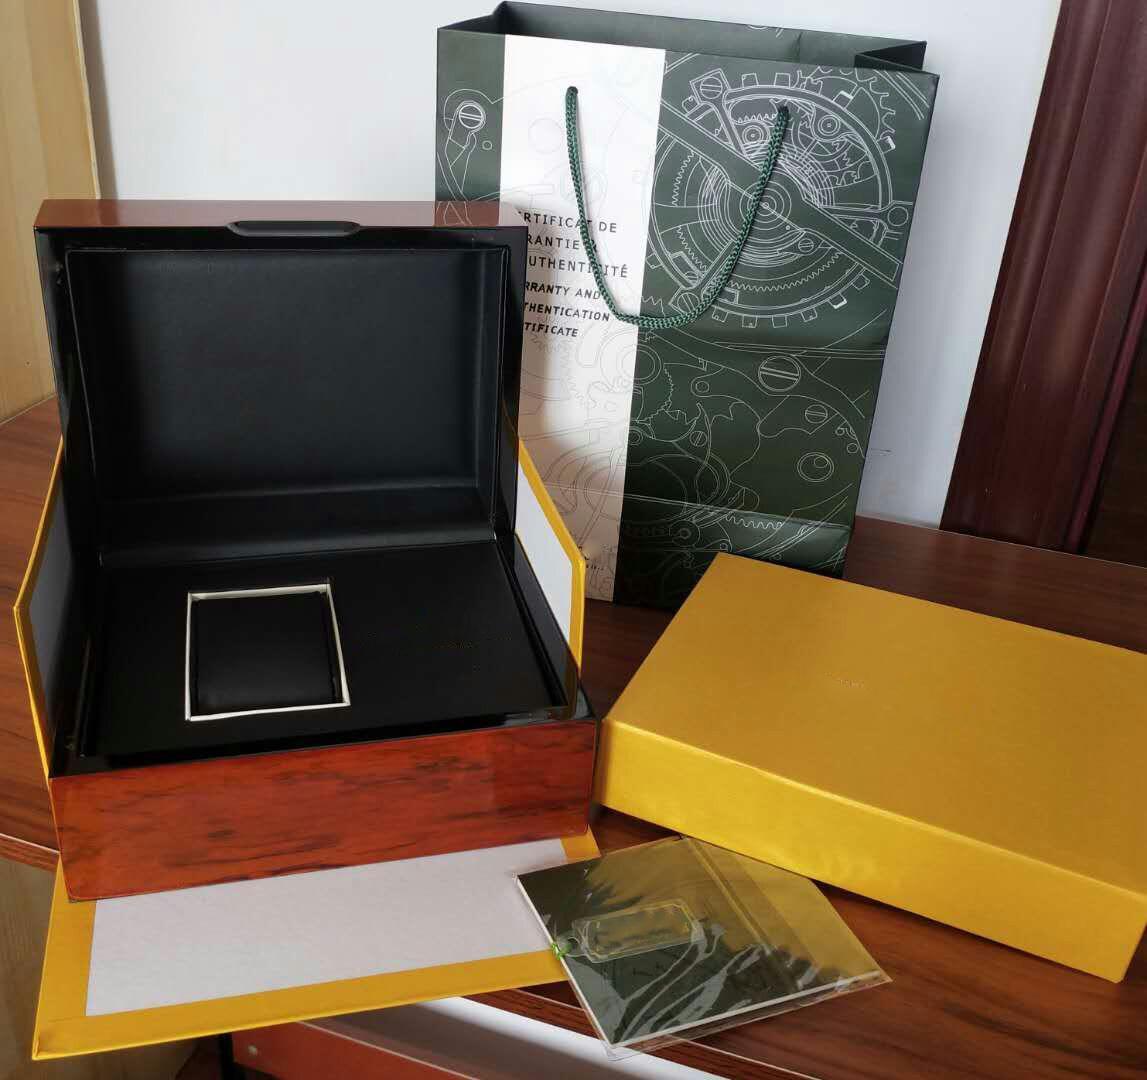 مربع ووتش إصدار الترقية صندوق من الخشب الأصلي ورقة مربع هدية رجل الأصفر الساعات ووتش ساعة اليد صناديق